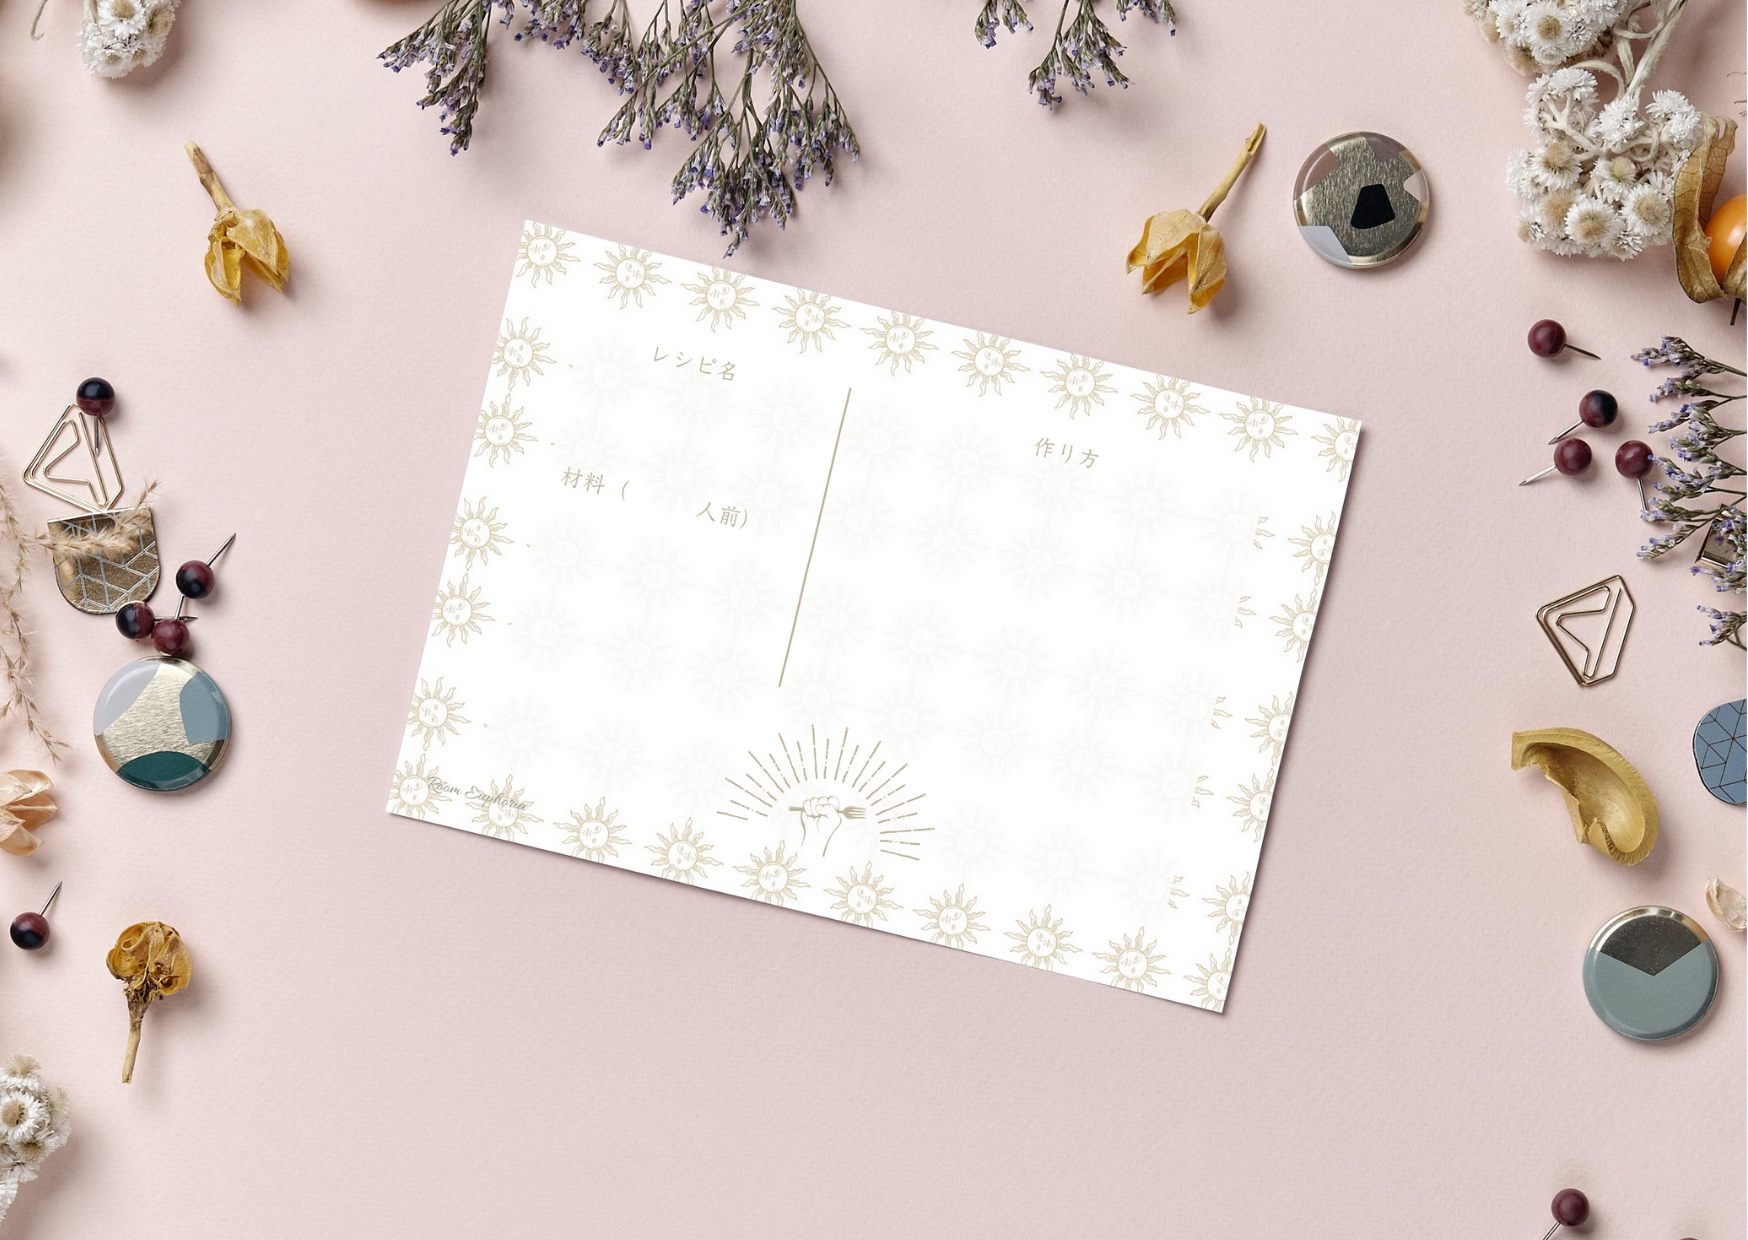 Sun レシピカード・情報カード セット